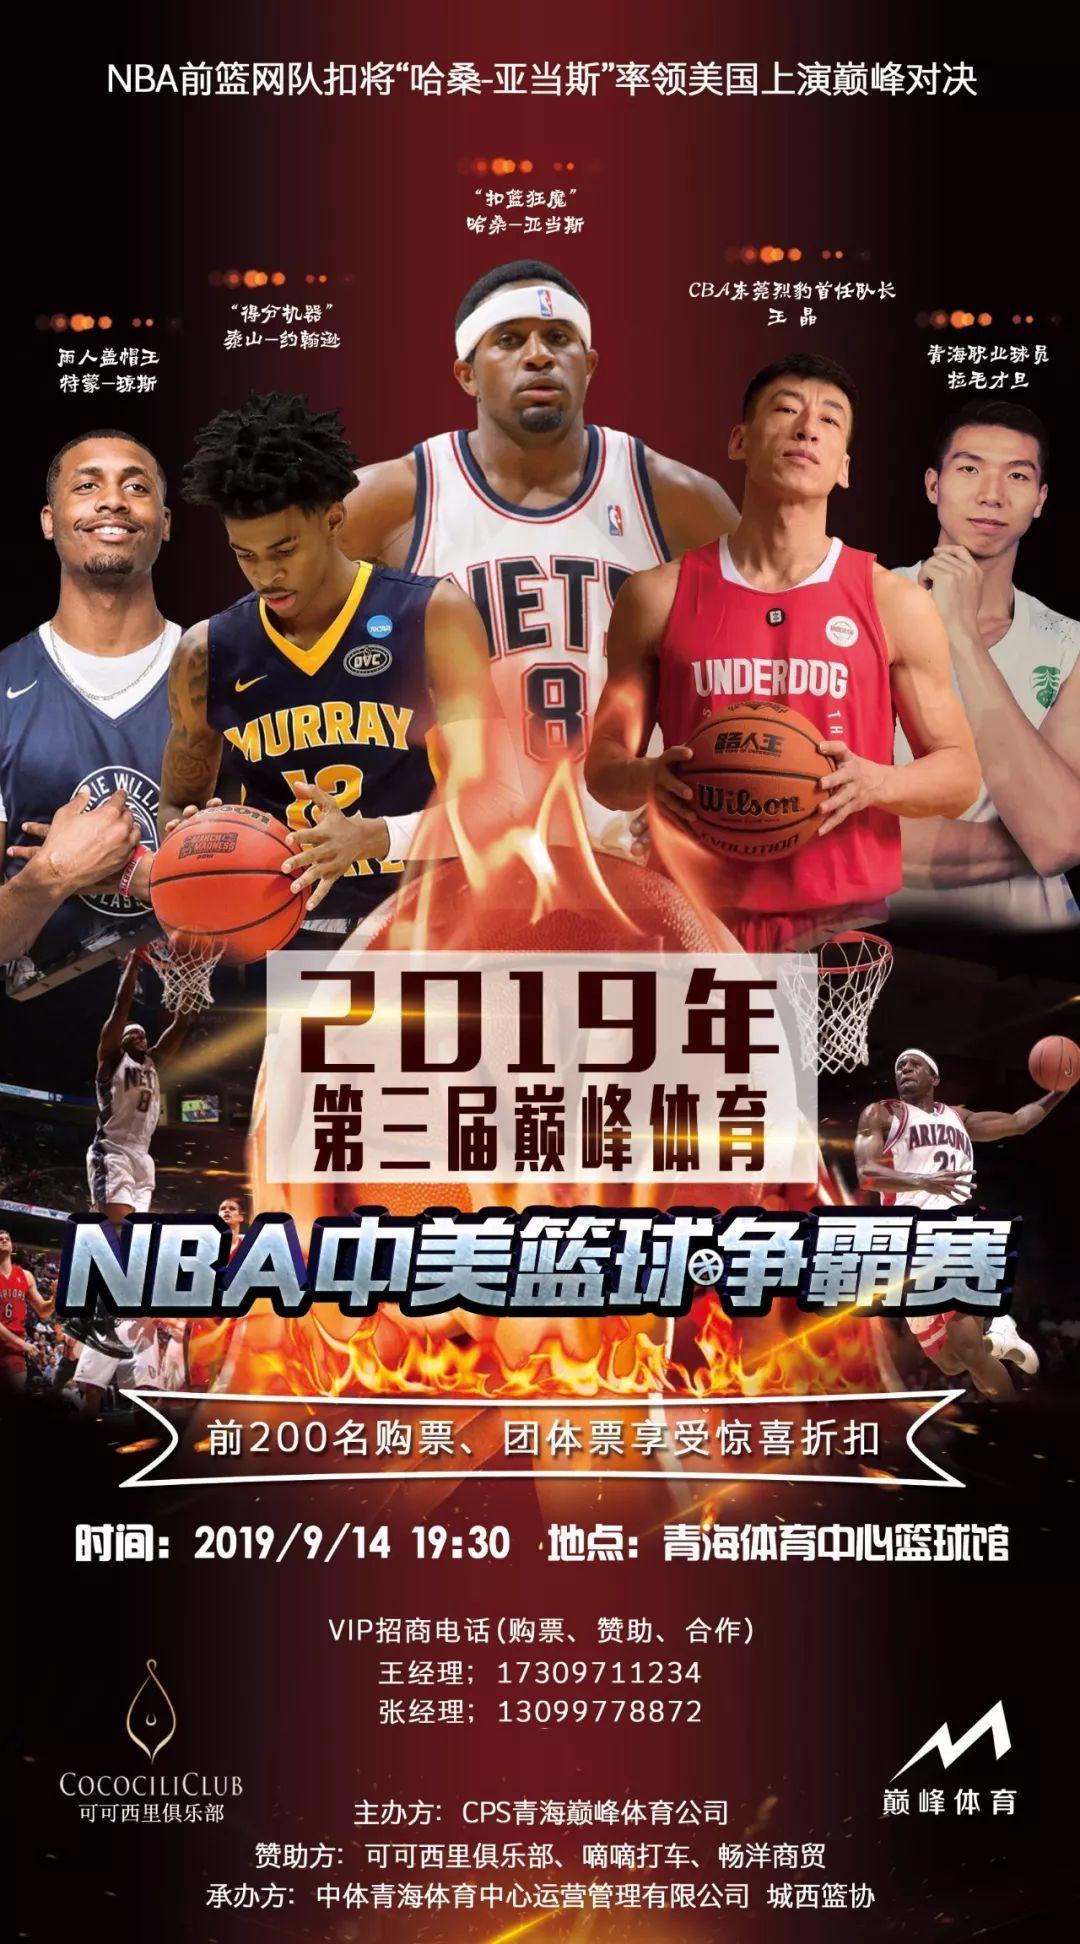 2019年第三届巅峰体育NBA中美篮球争霸赛(西宁)免费门票等你来抢!!!